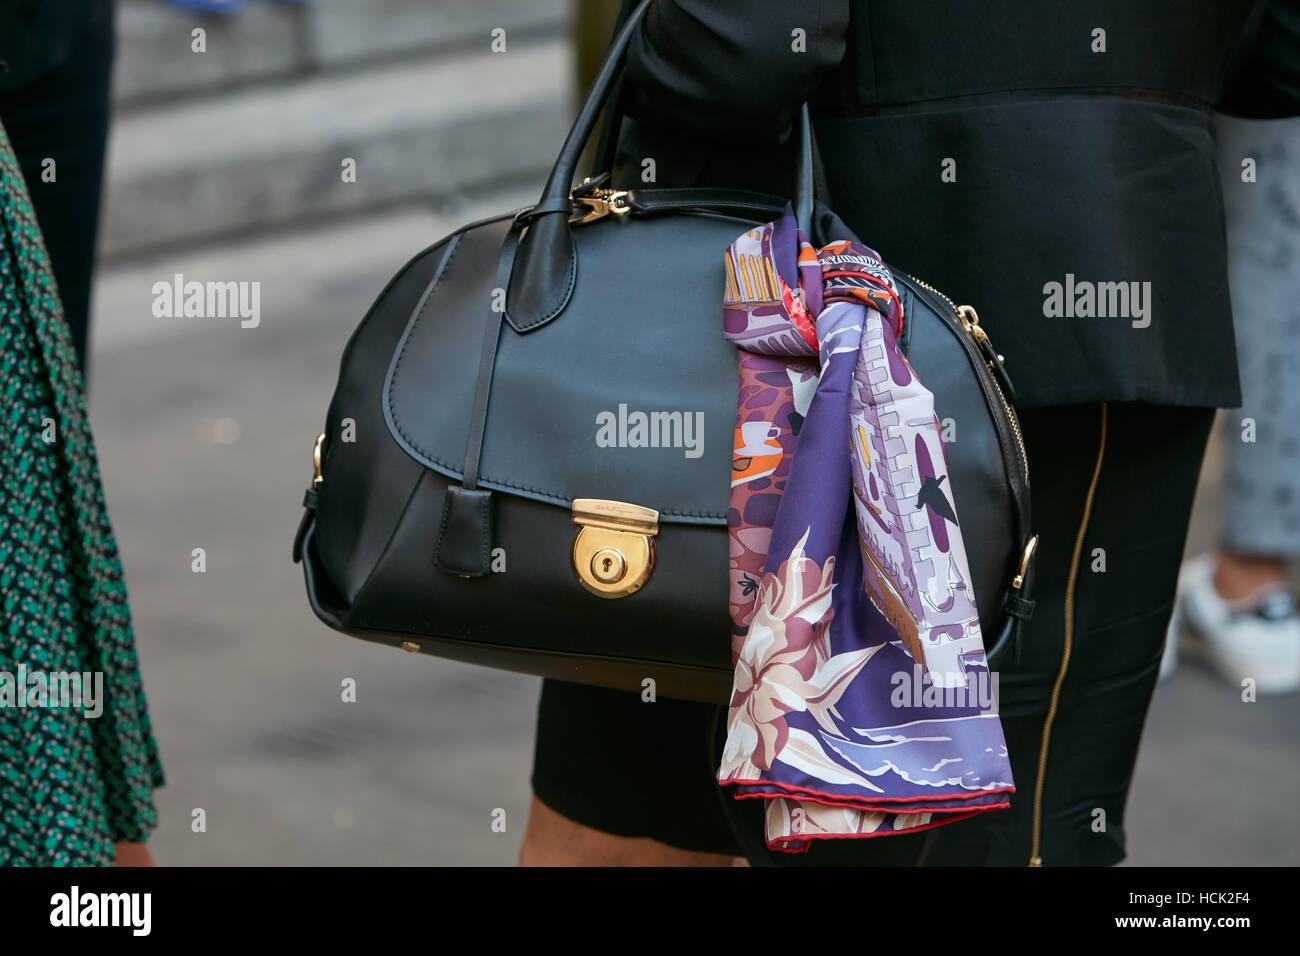 02642b49635e Femme avec Salvatore Ferragamo noir sac avant de Salvatore Ferragamo fashion  show, Milan Fashion Week